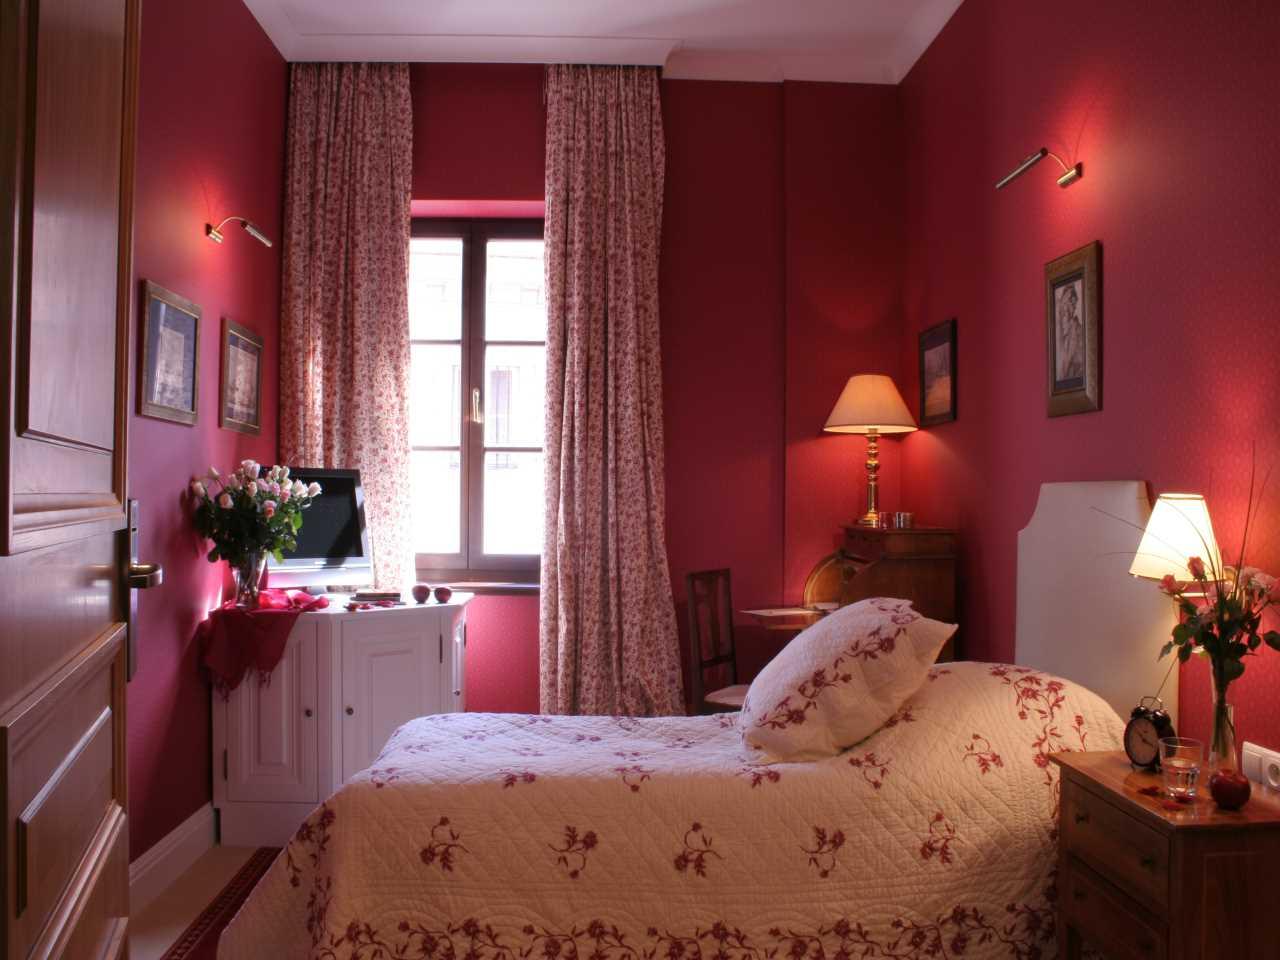 Hotel Gródek - Pokoje - Pokój jednoosobowy standard